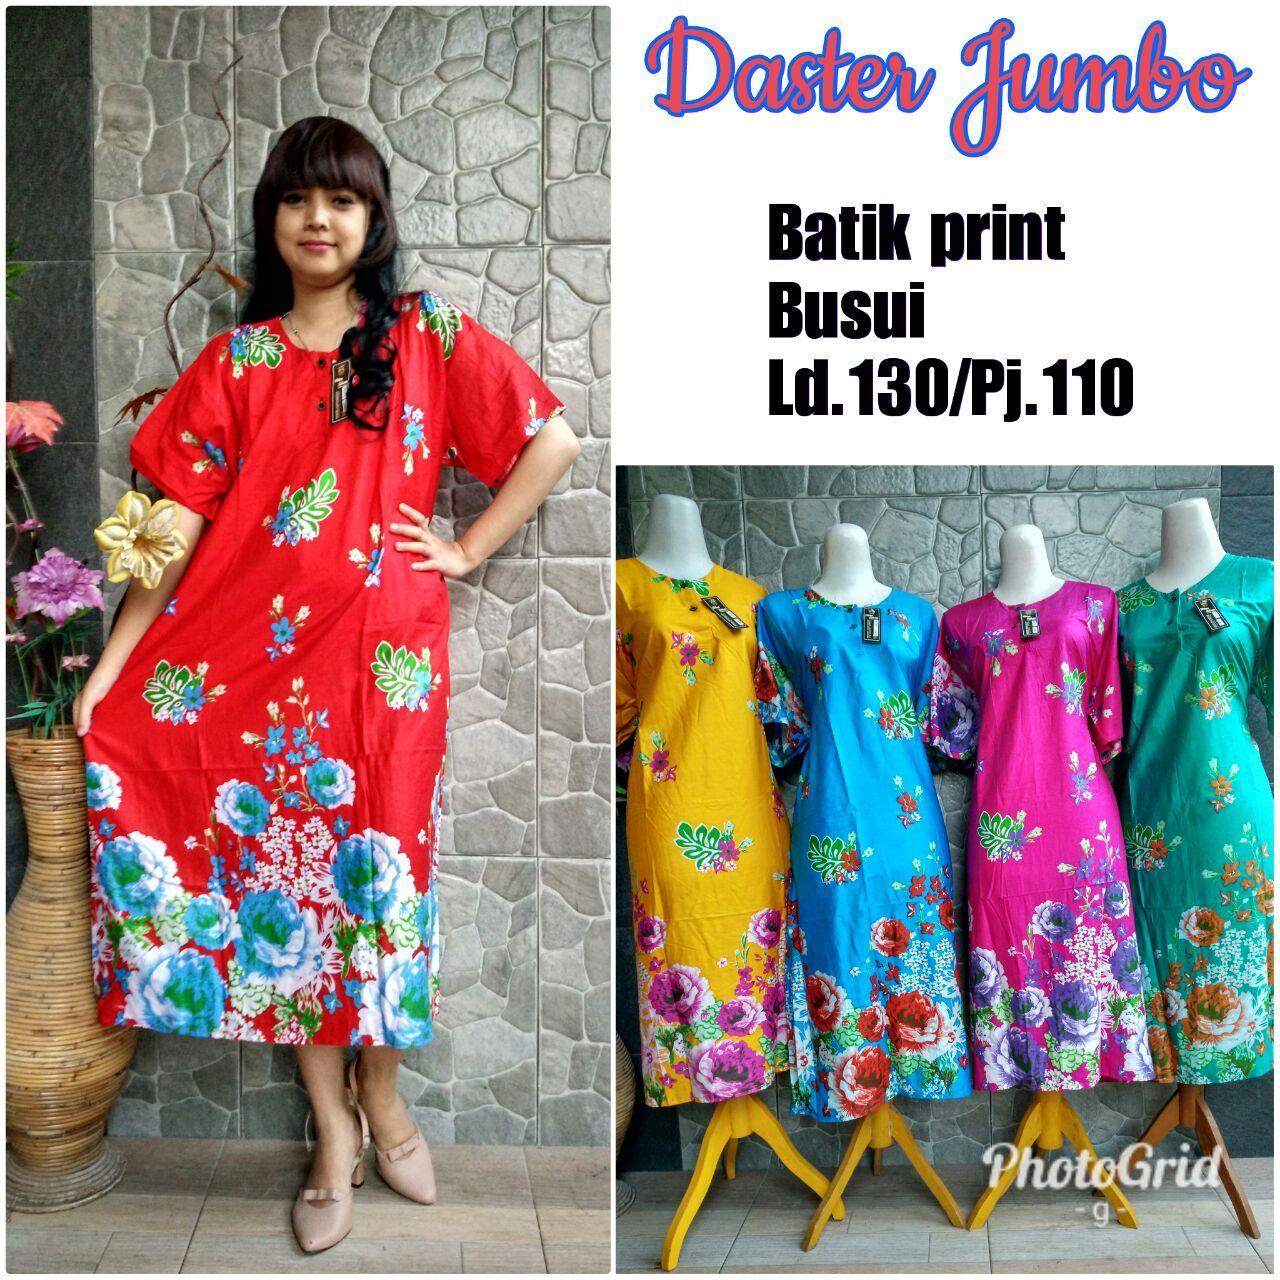 Daster Midi Batik Print Bpt002 06a Page 3 Daftar Update Harga Dress Corak Modern Nyaman Dipakai Jumbo Bunga Ld 120 124 80kg